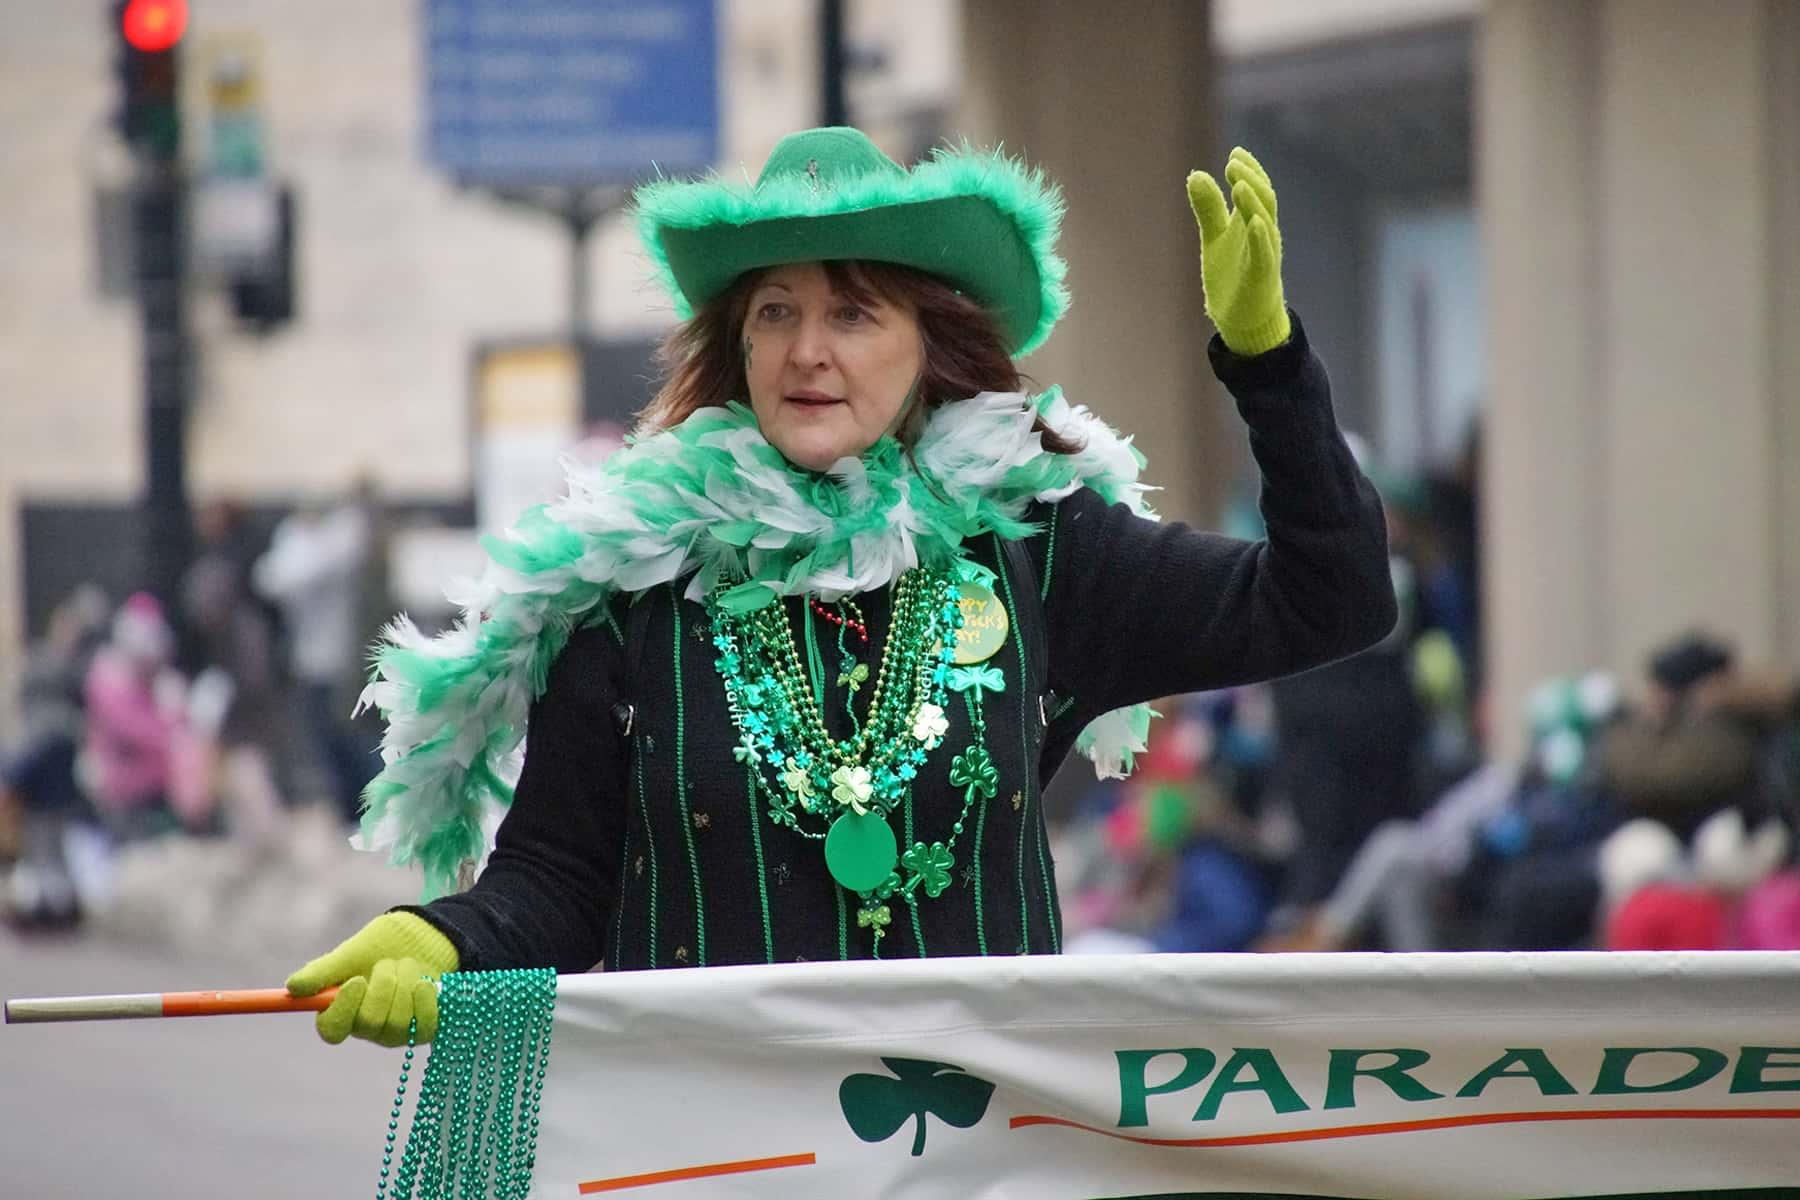 030919_stpatricksdayparade53_1403